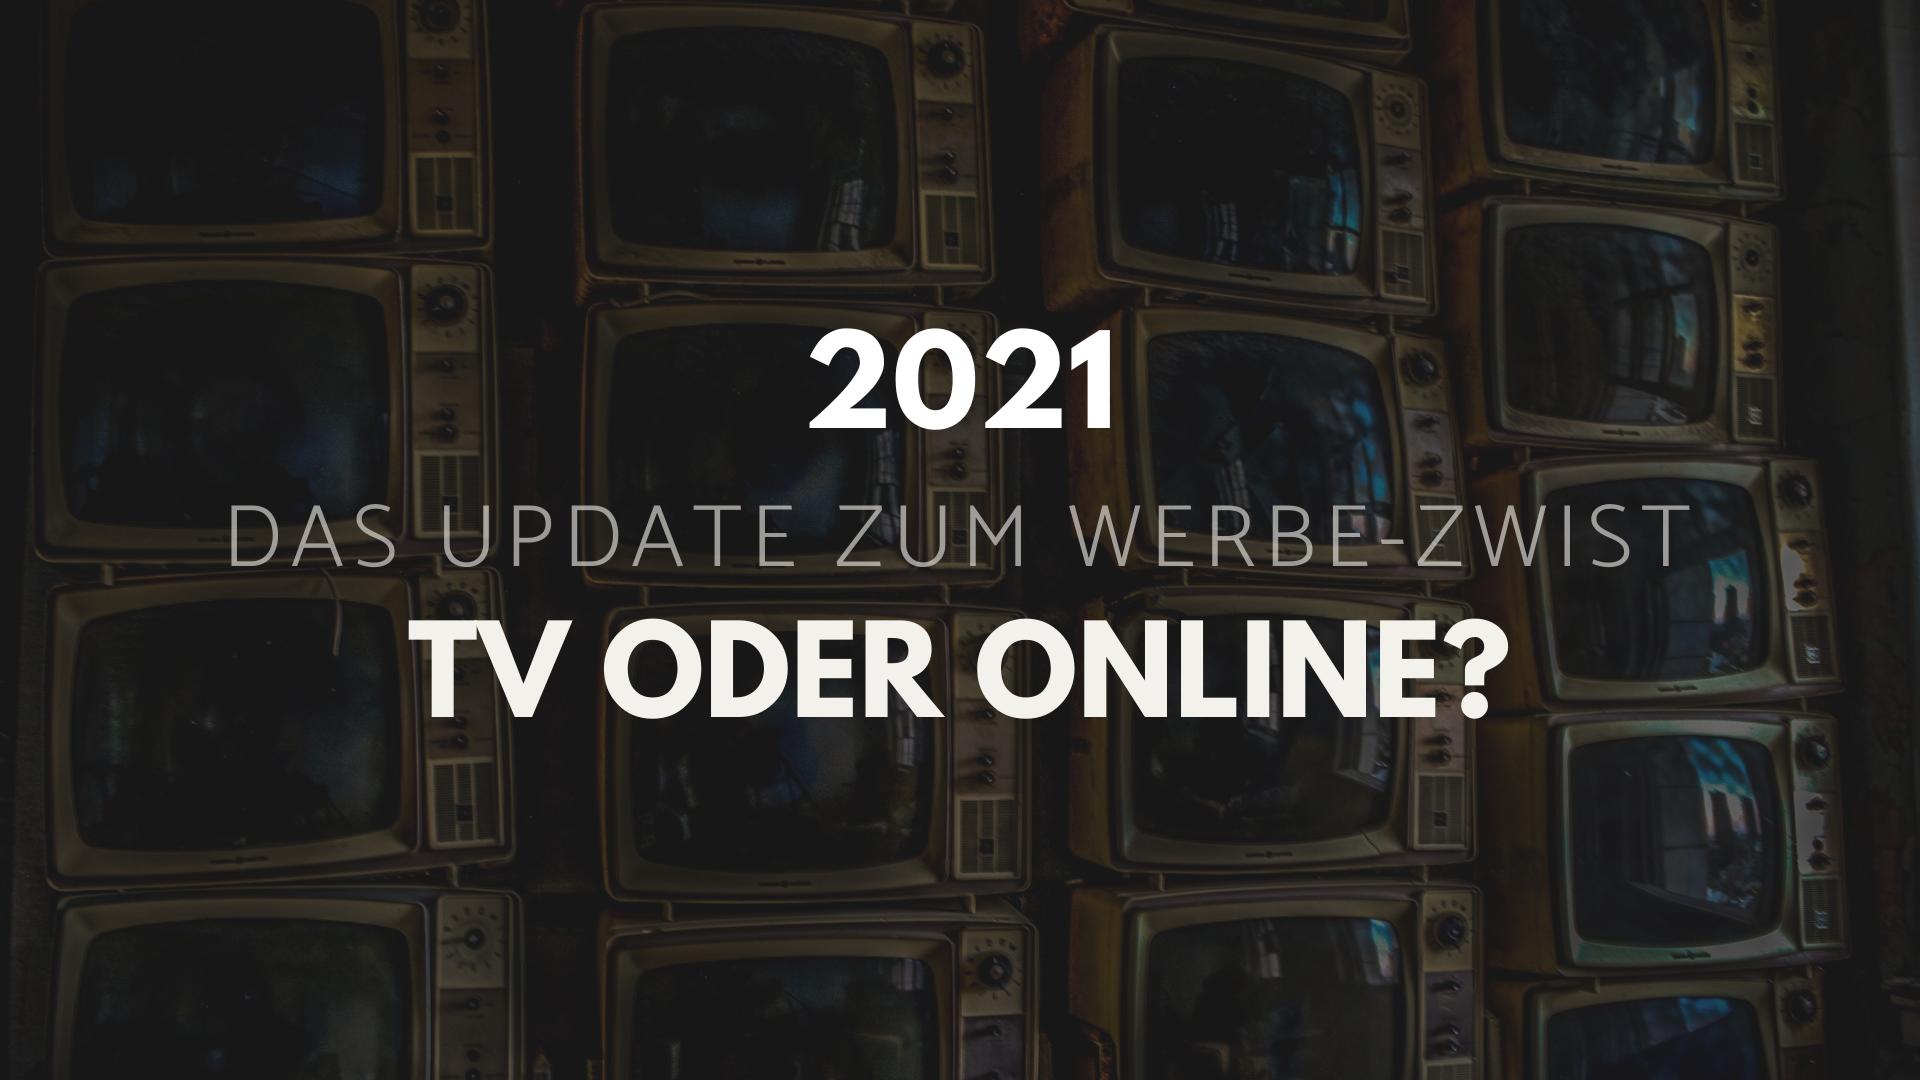 Werbung 2021: TV oder Online?